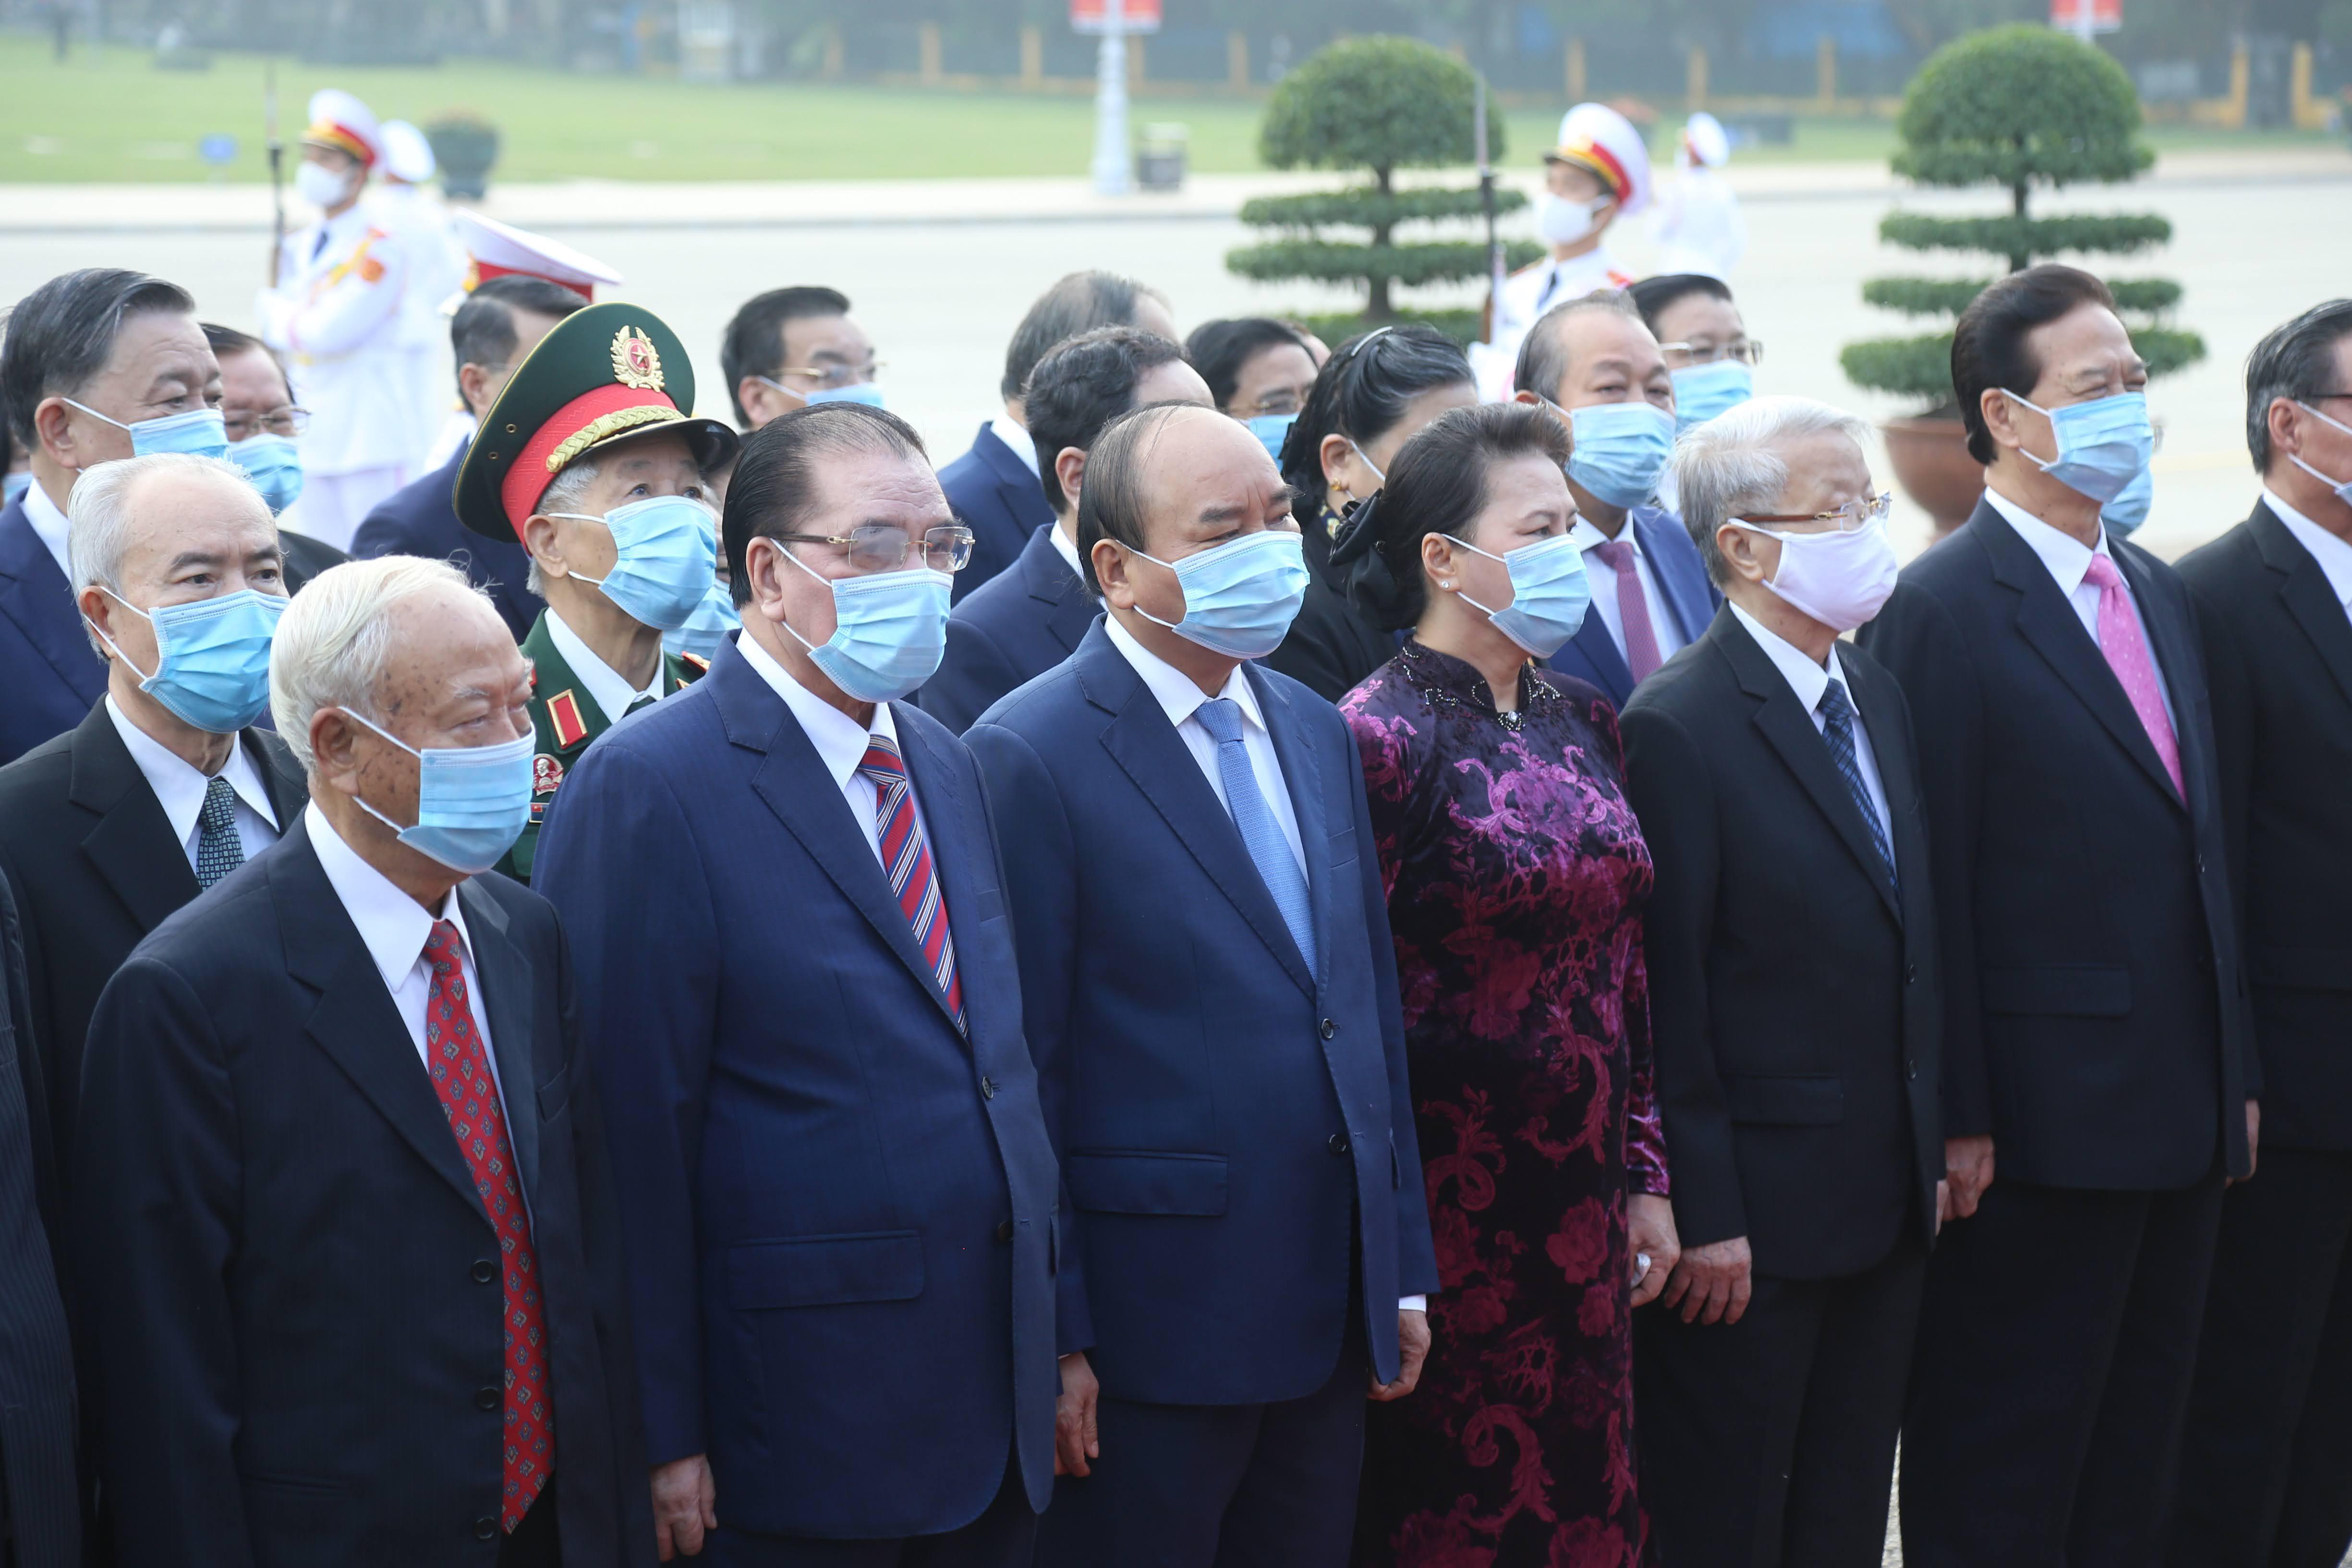 Đoàn đại biểu lãnh đạo, nguyên lãnh đạo Đảng, Nhà nước, MTTQ Việt Nam vào viếng Lăng Chủ tịch Hồ Chí Minh.